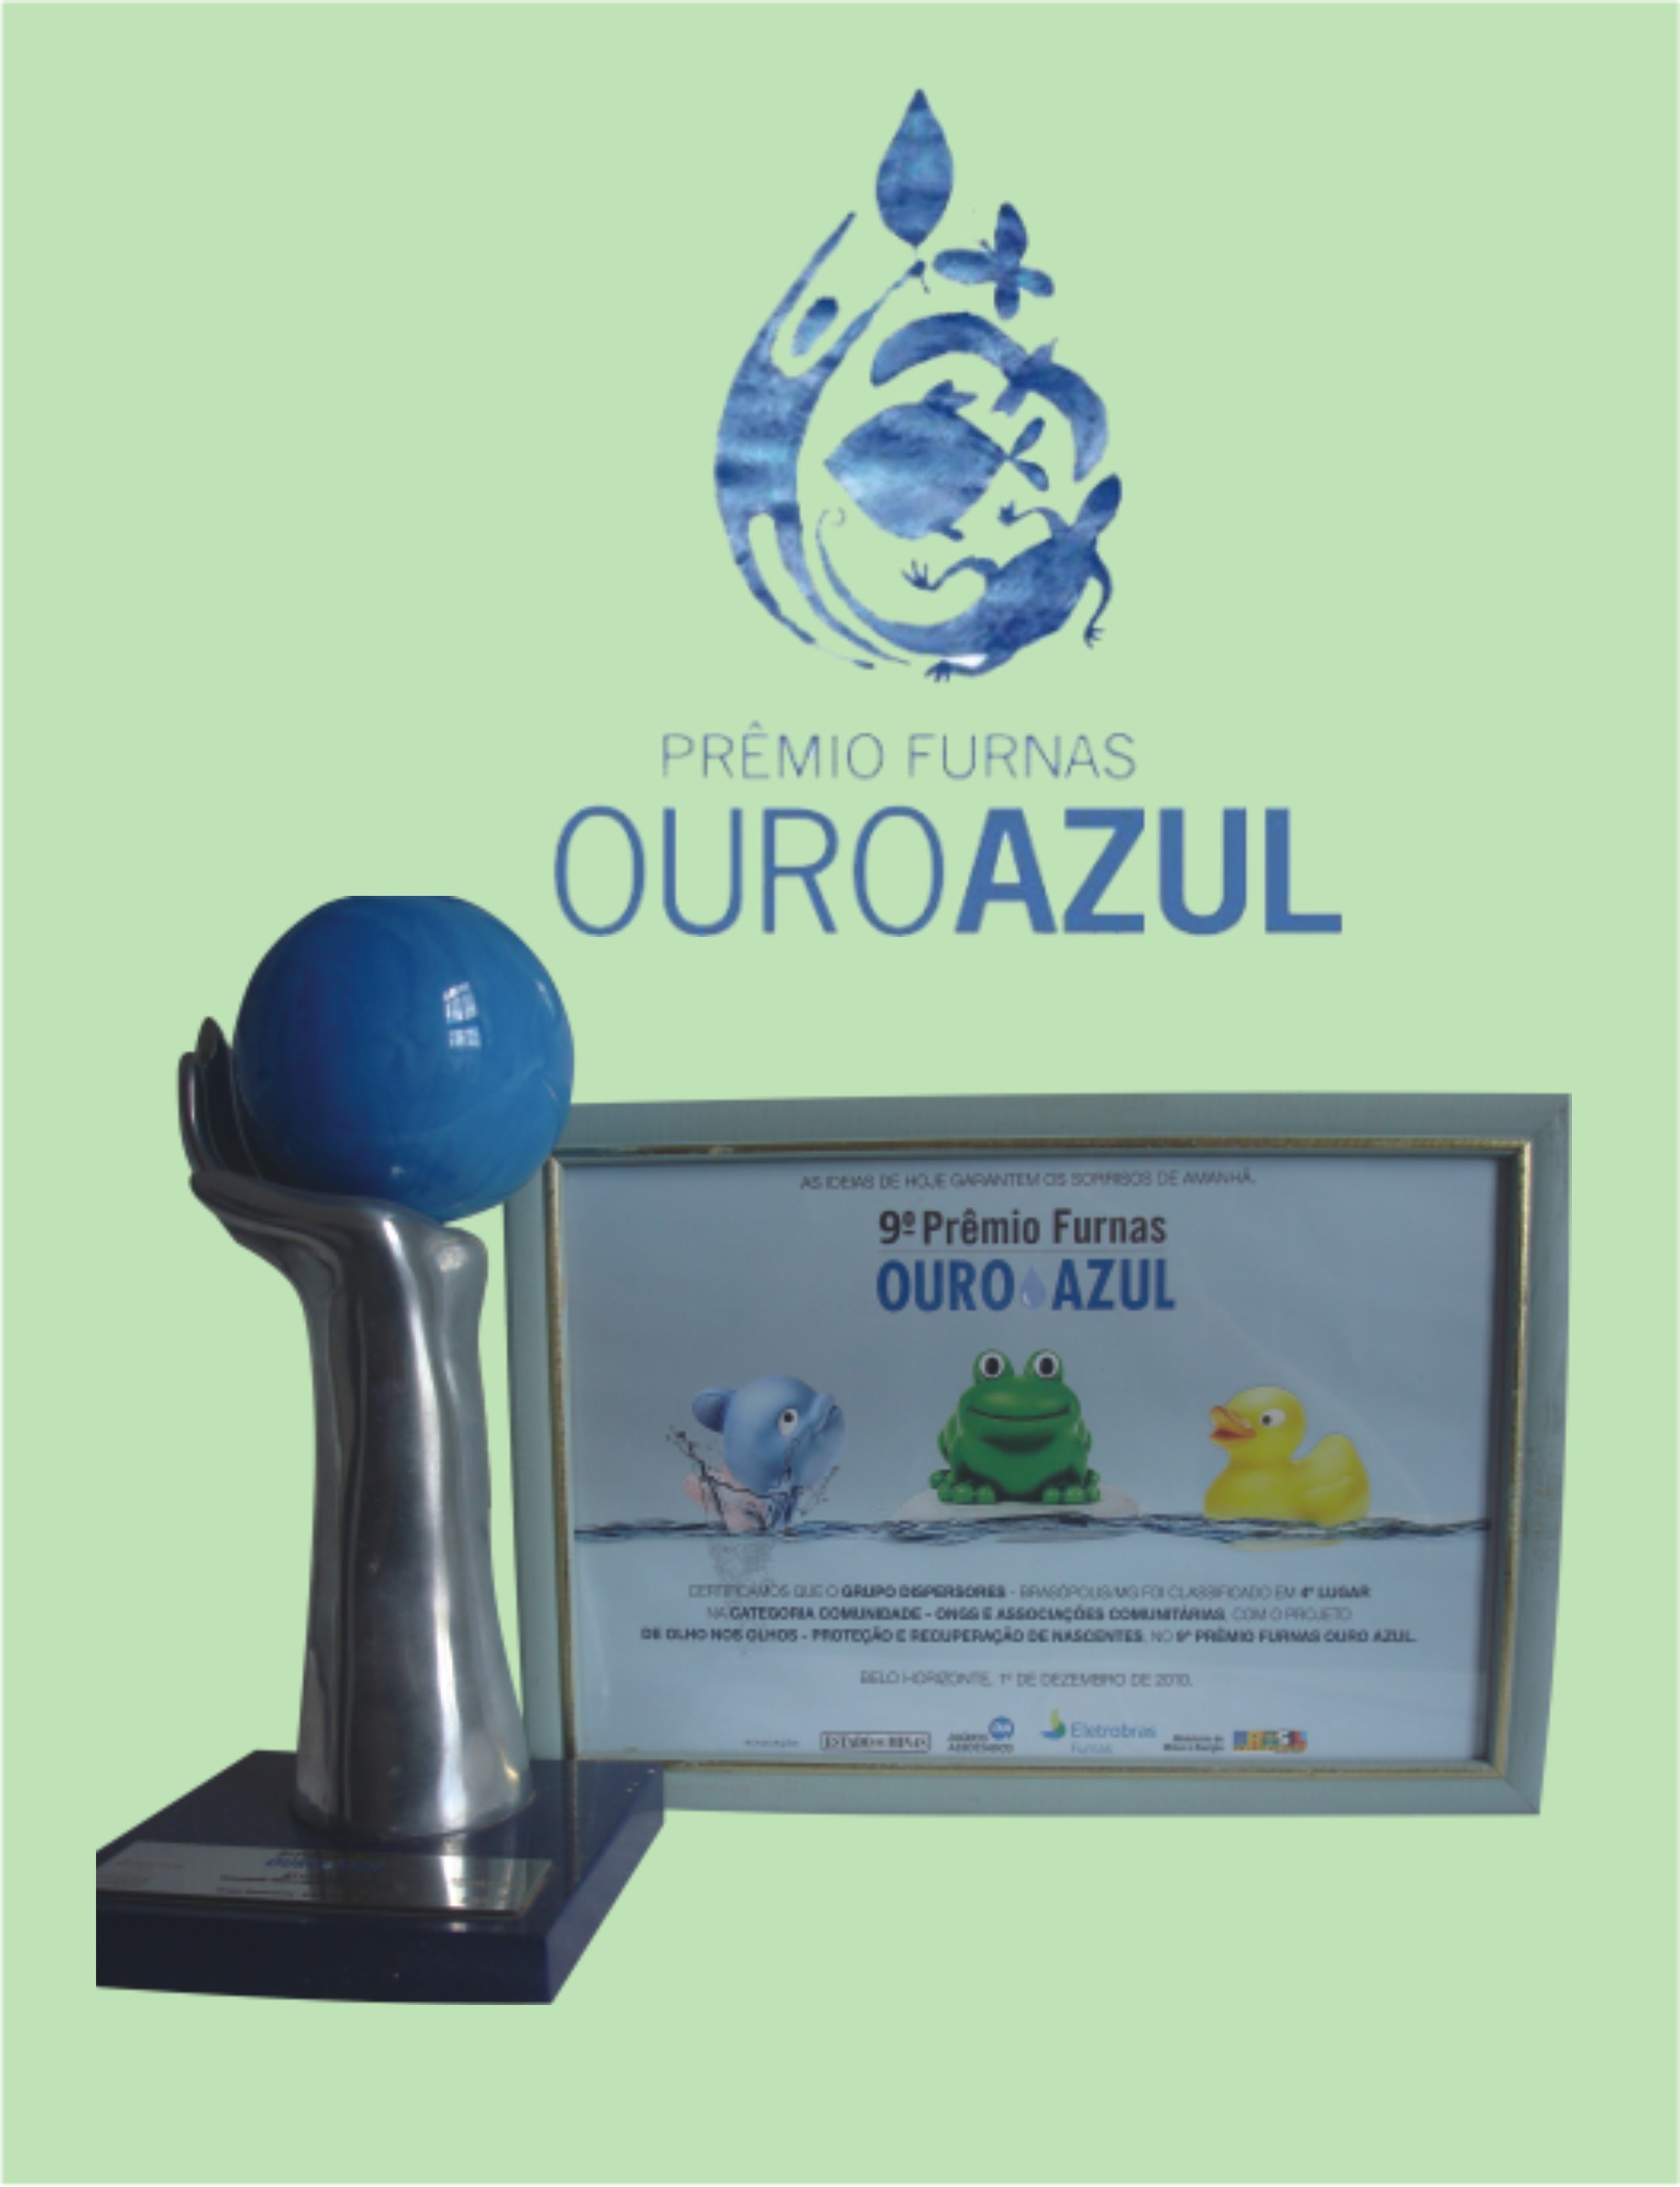 Furnas Ouro Azul Award